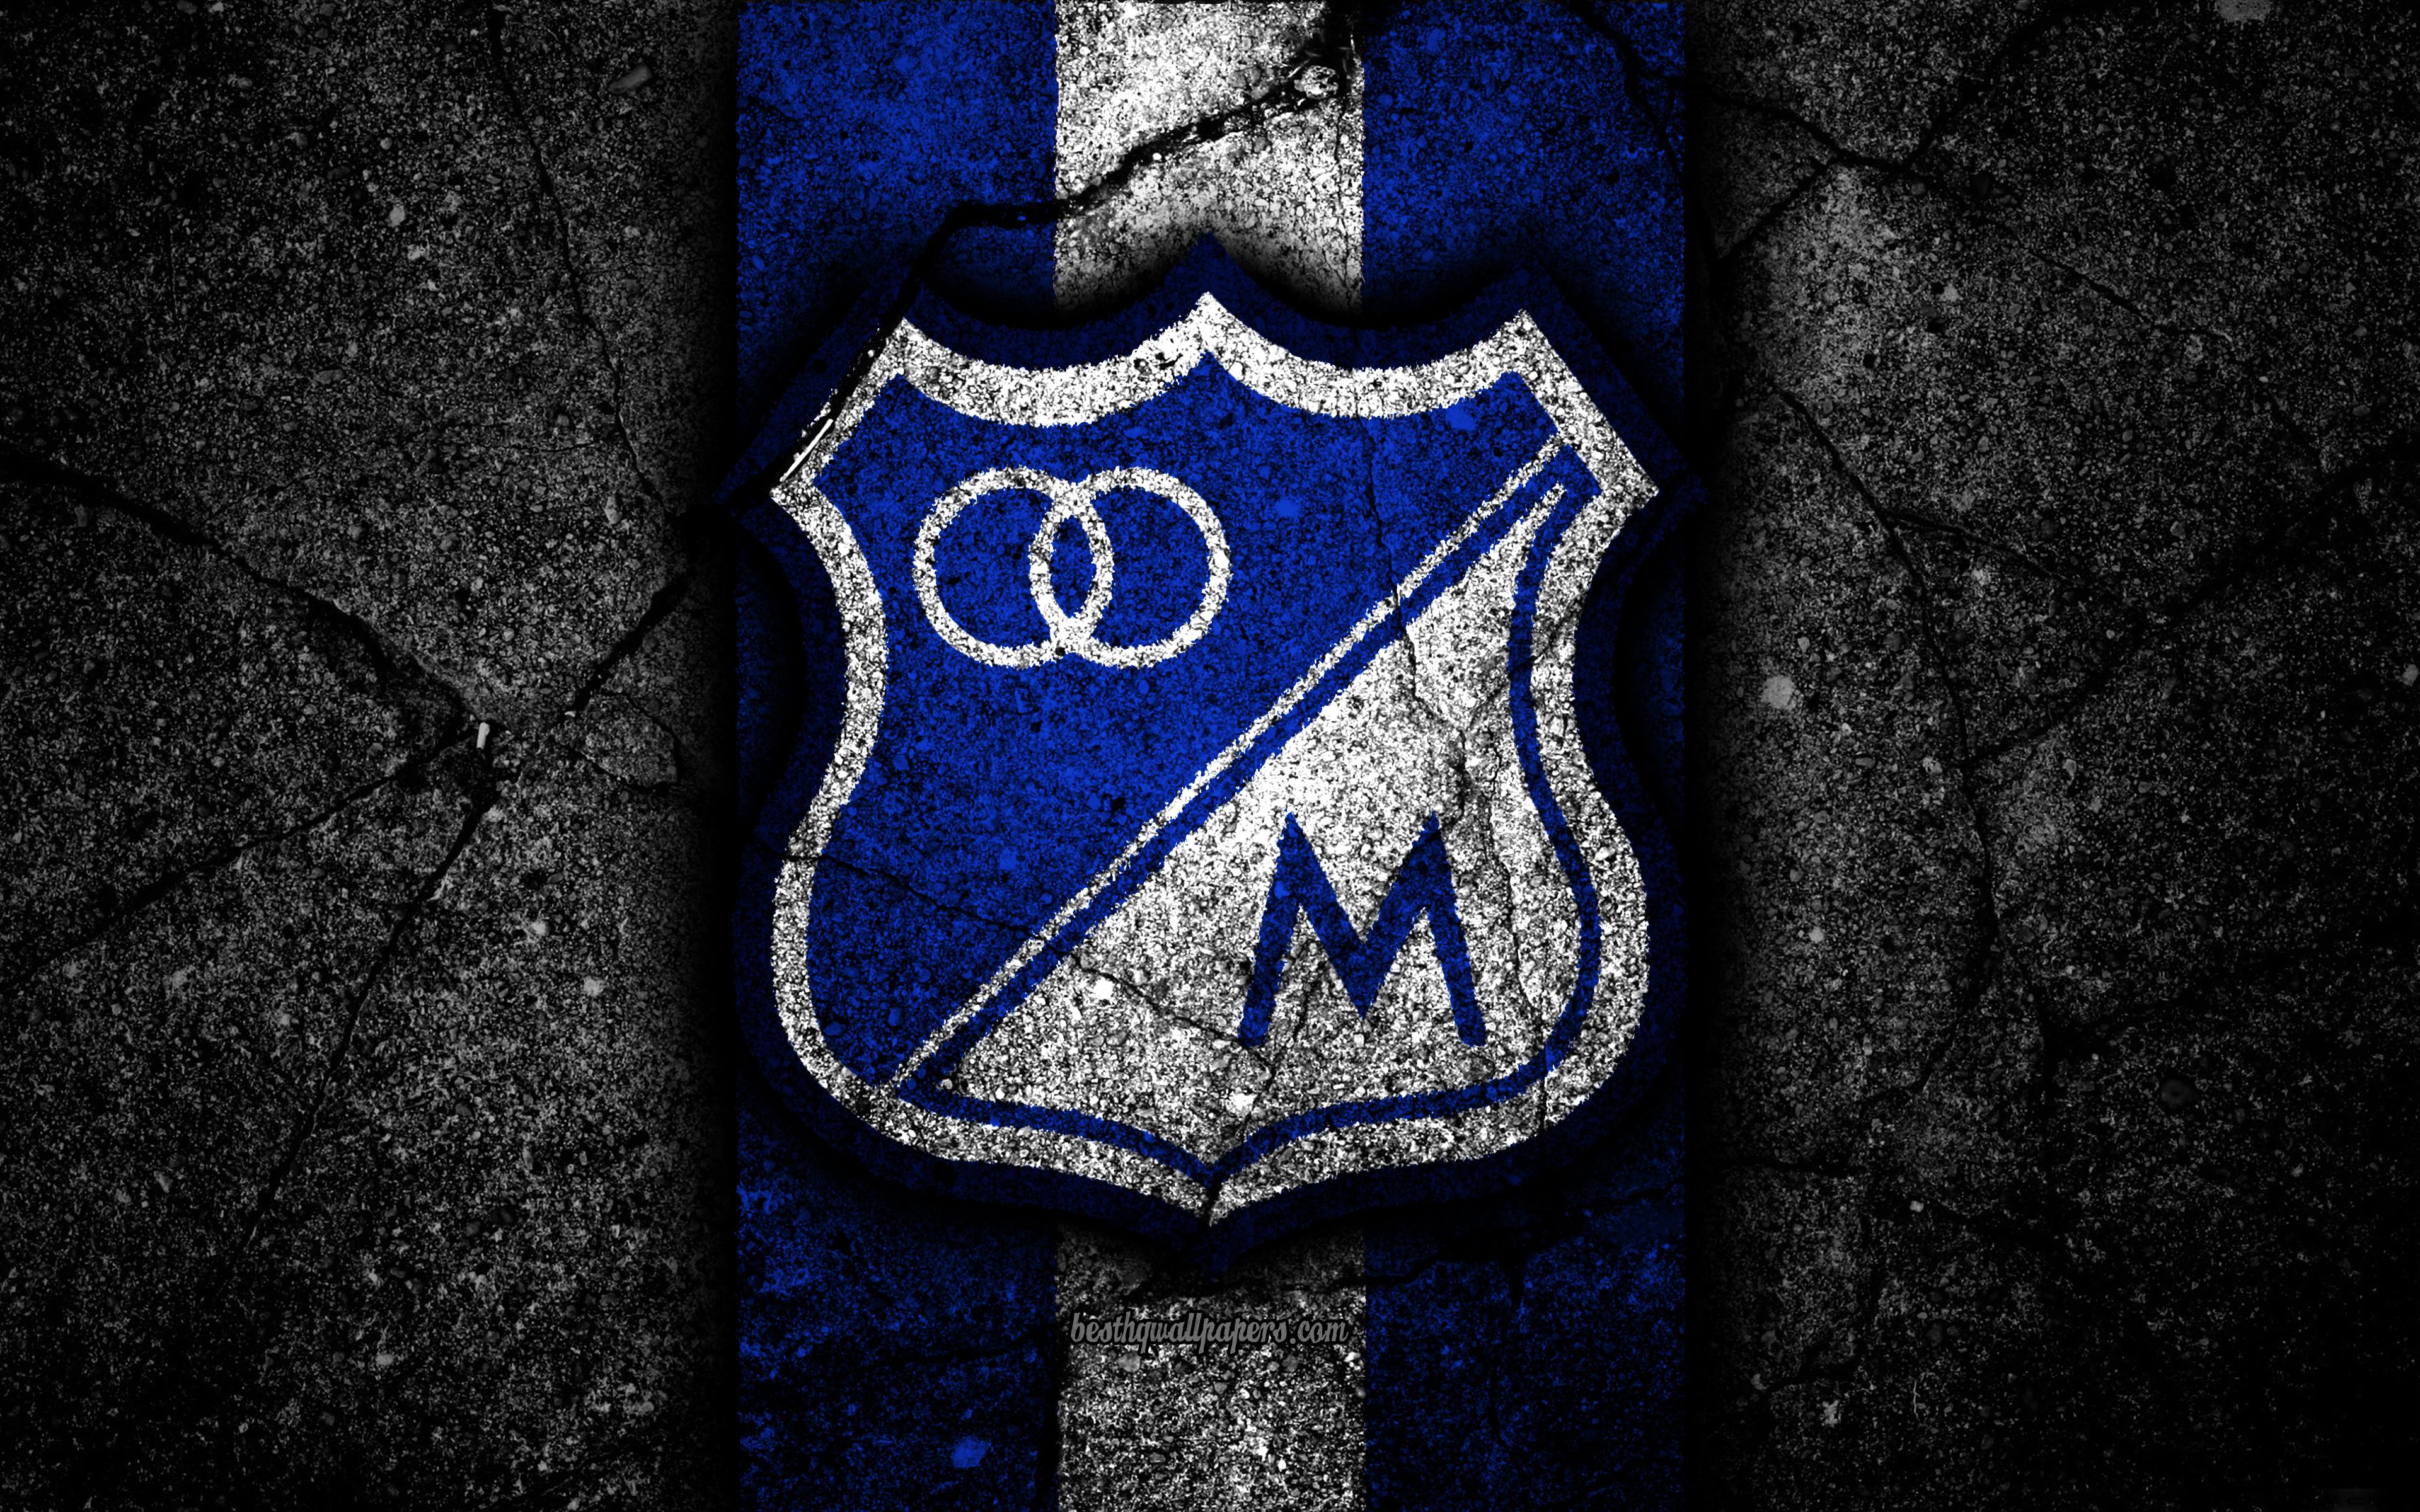 Descargar fondos de pantalla Millonarios FC 4k el logotipo el 3840x2400